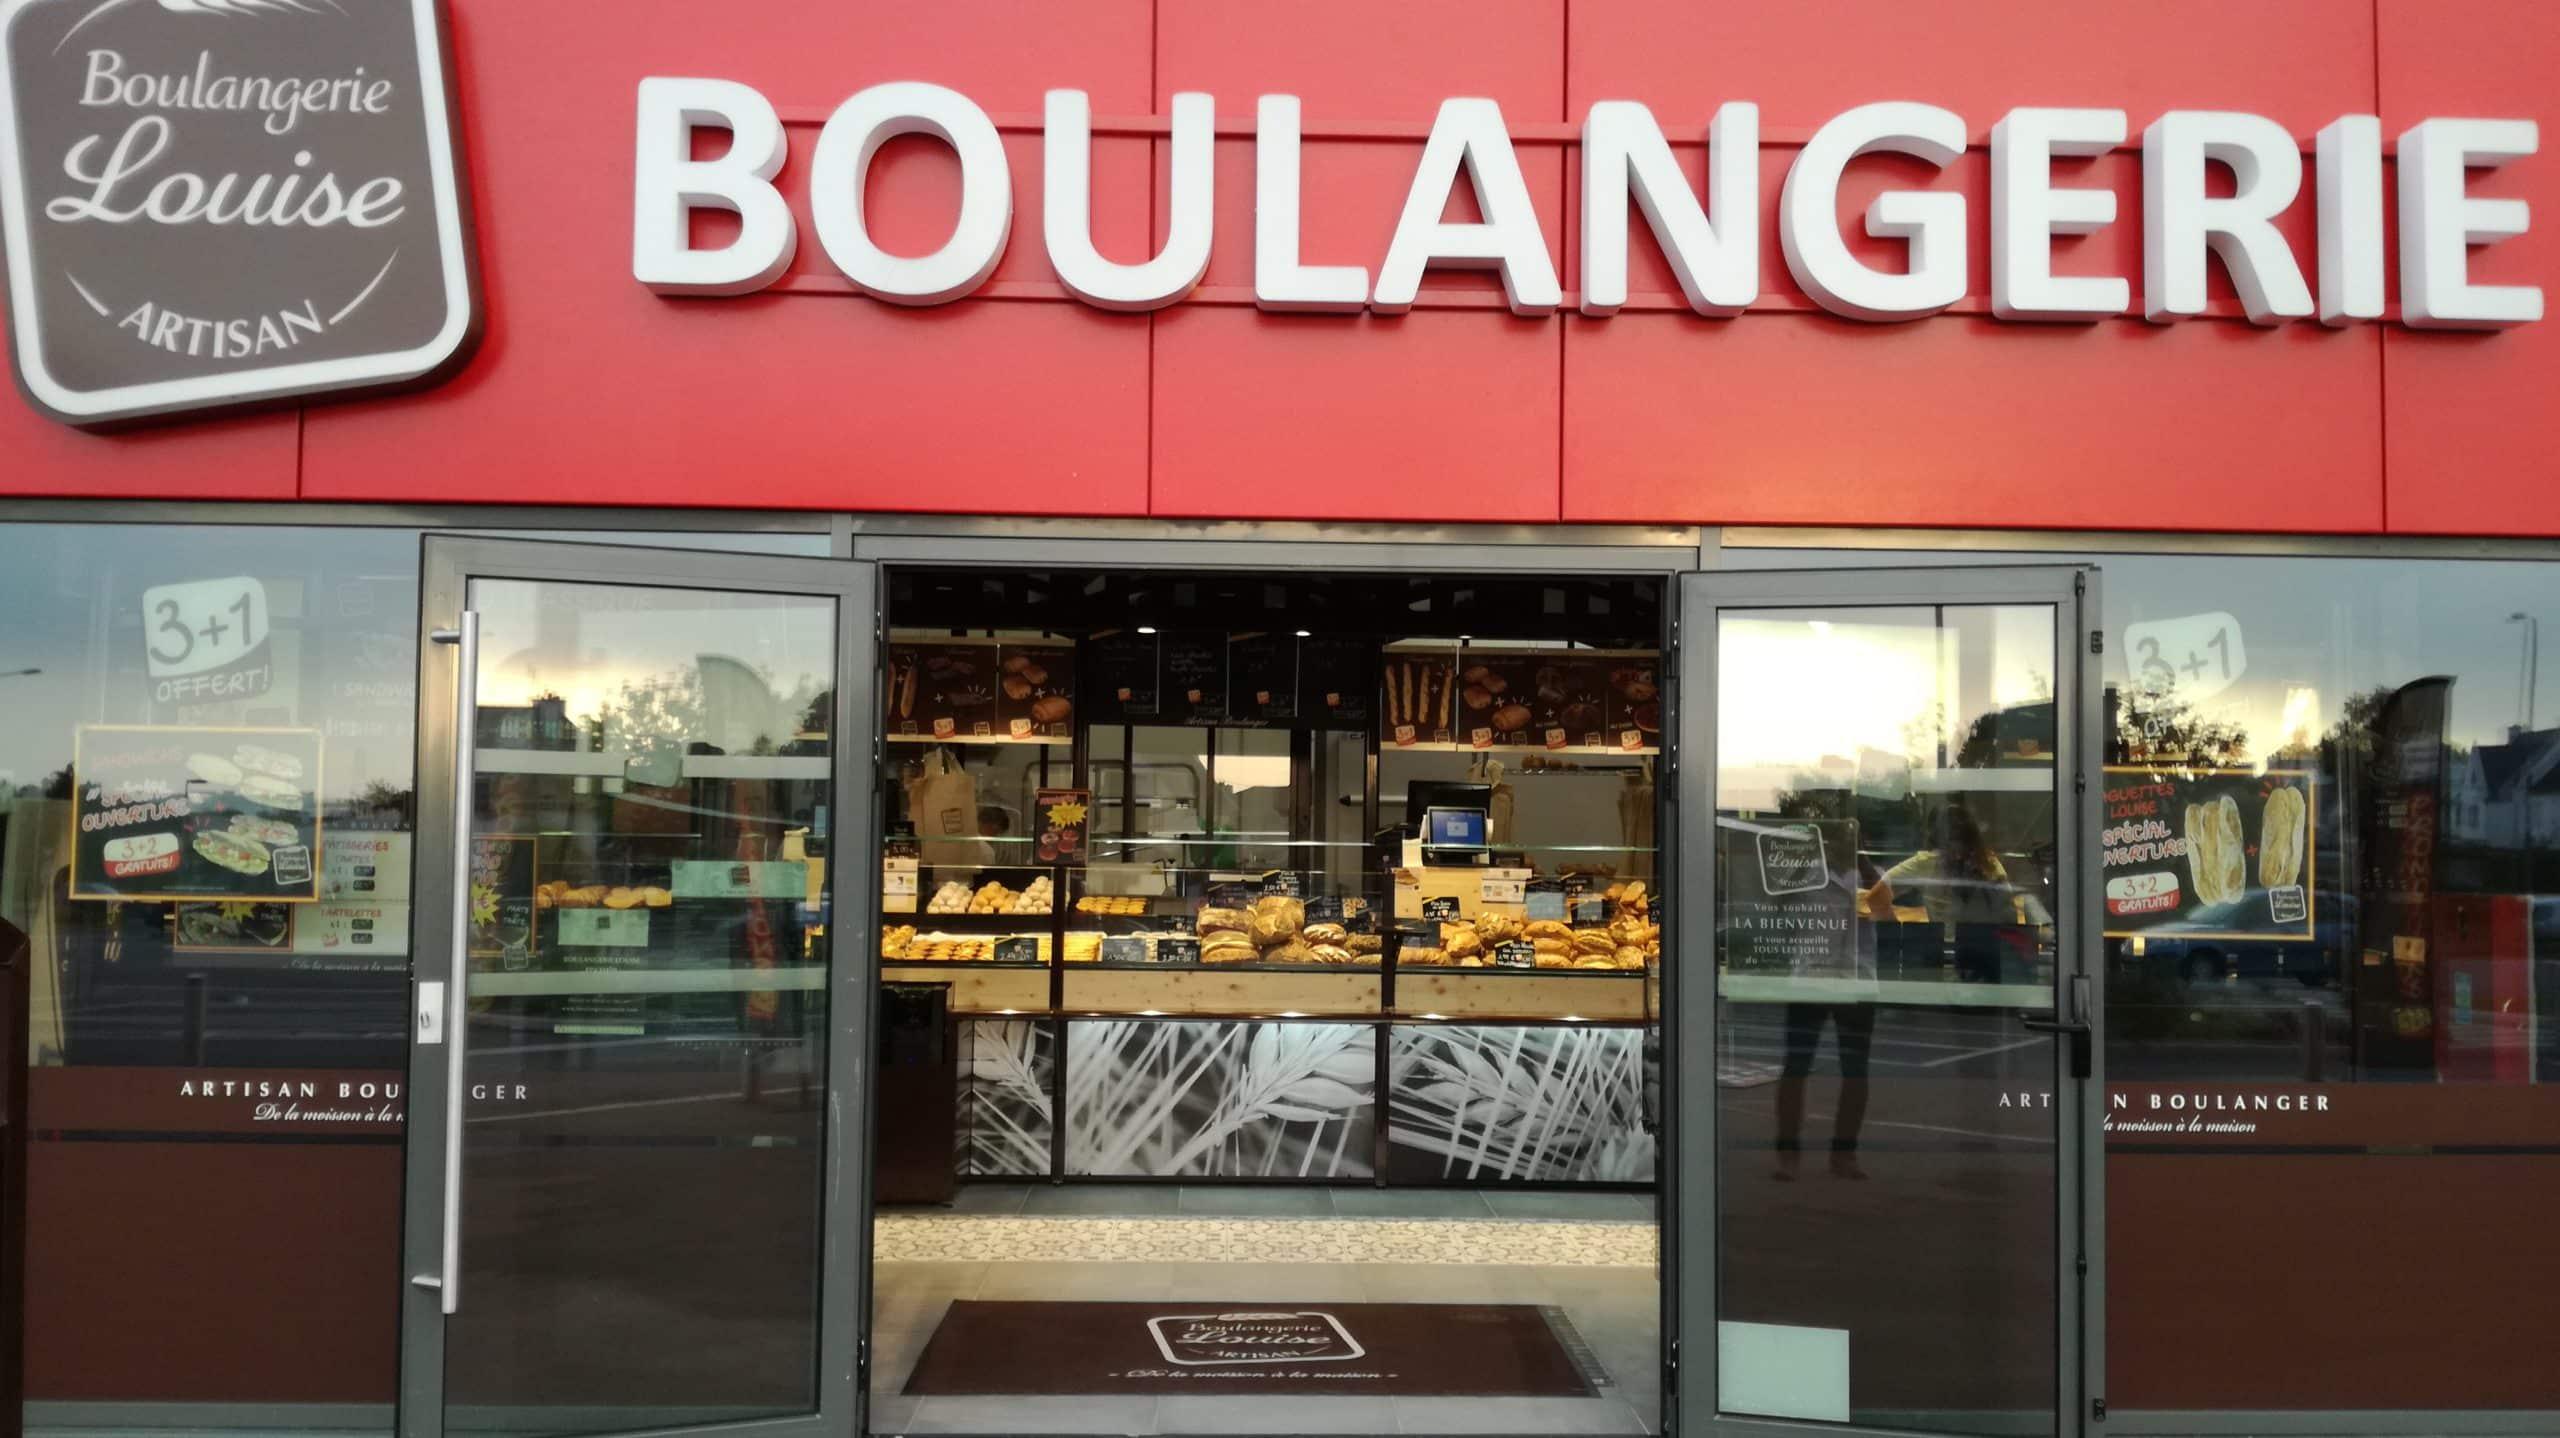 Art Et Maison Longuenesse nouvelle ouverture - saint-martin des champs - boulangerie